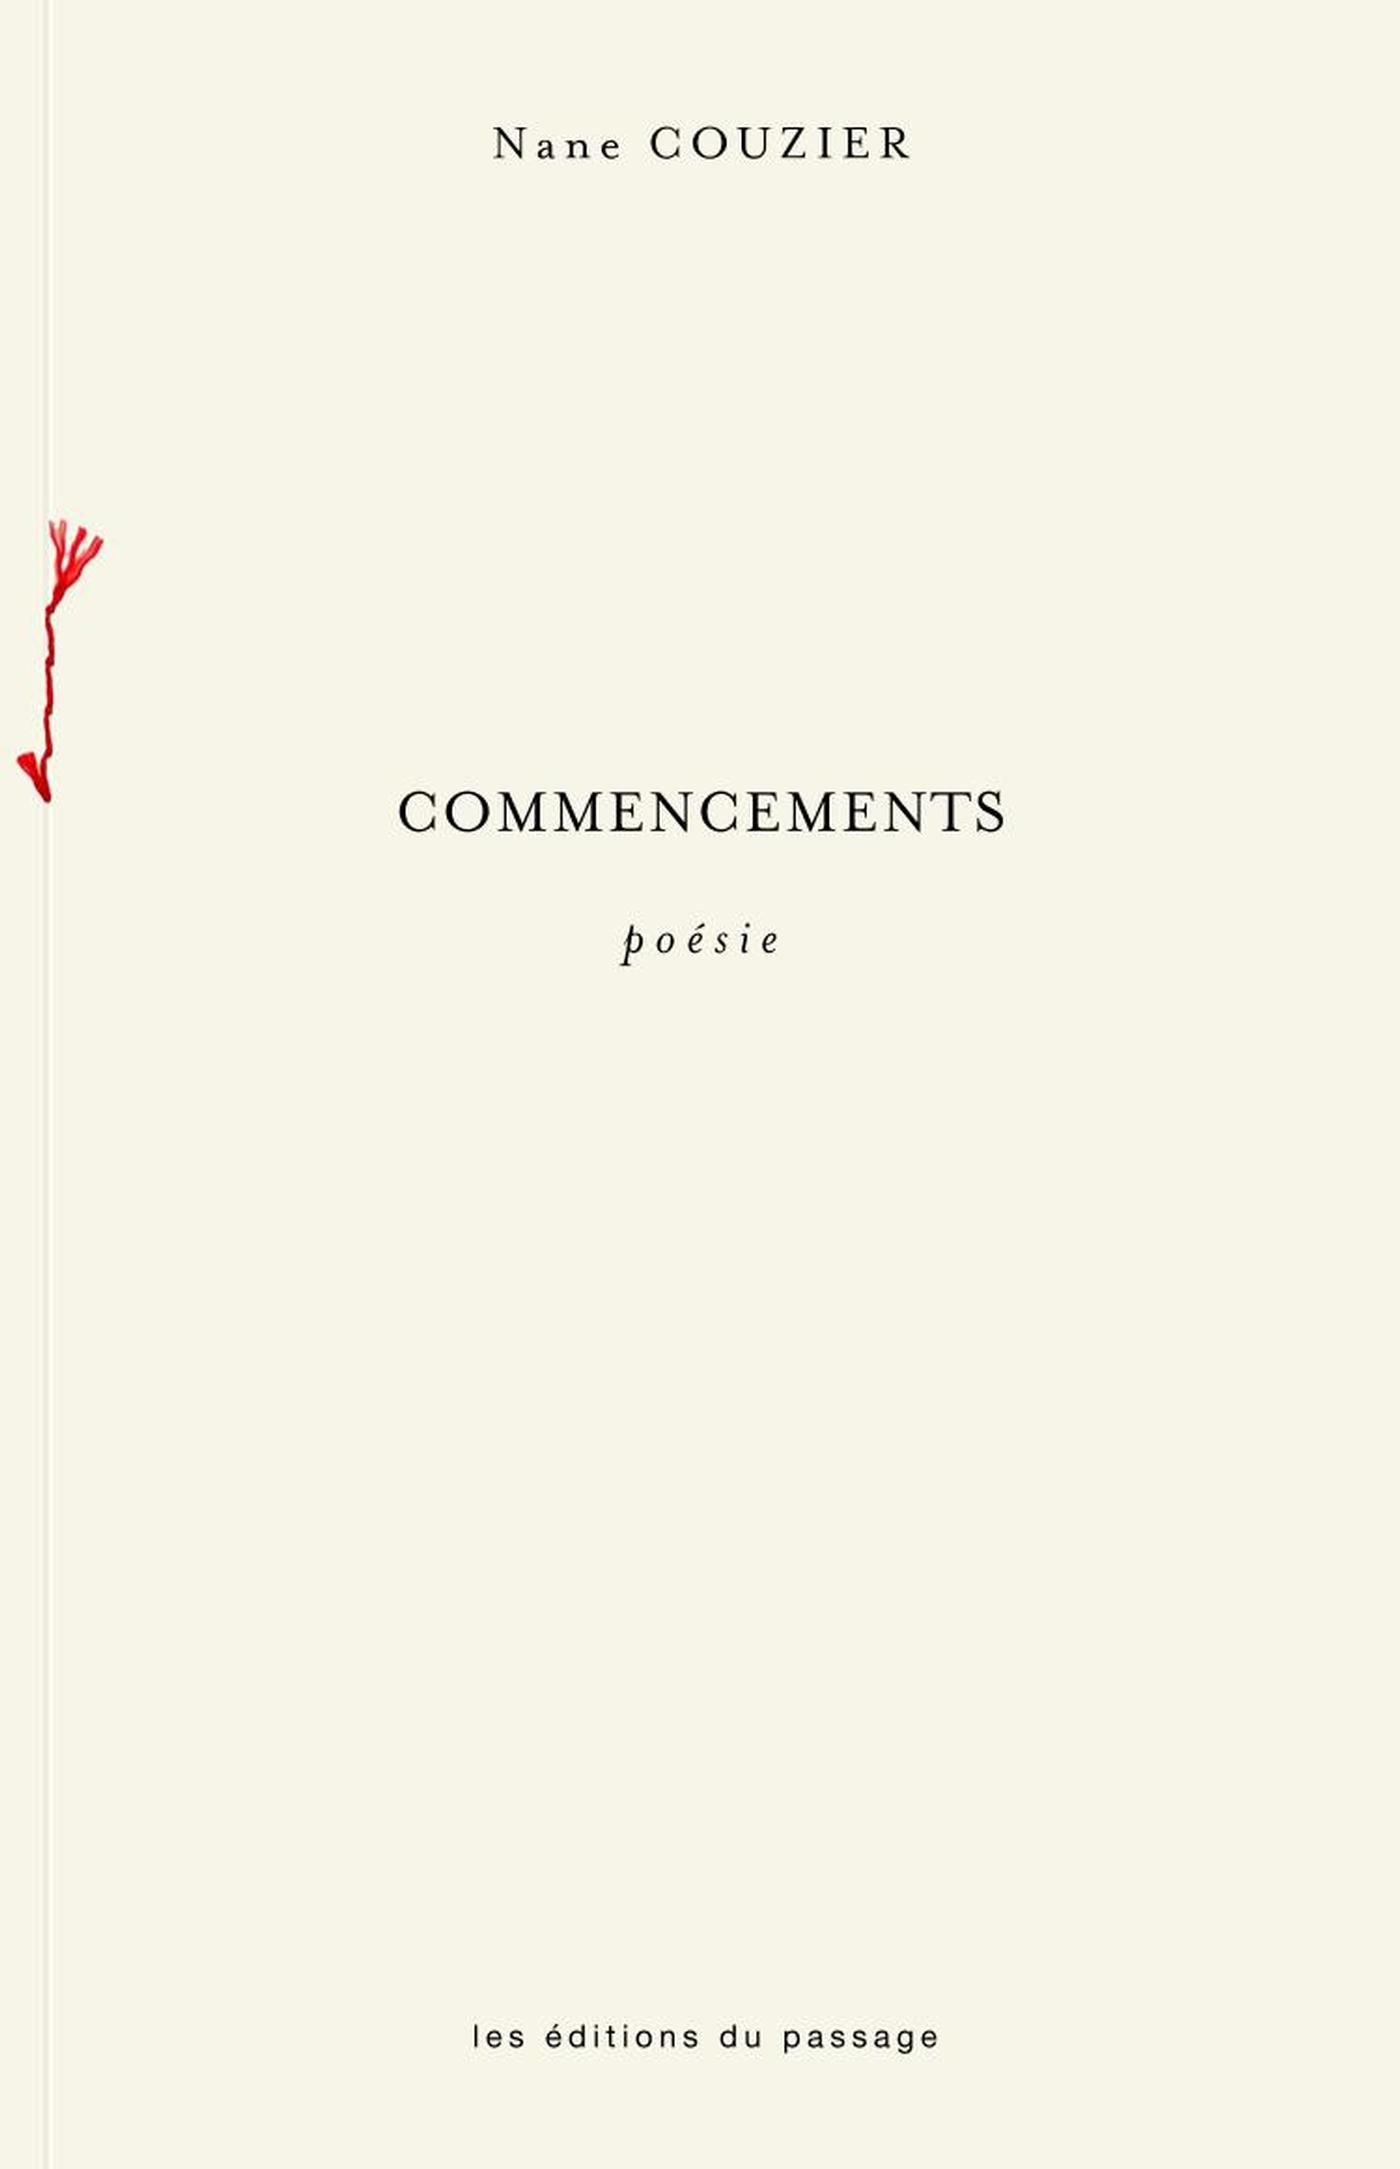 Commencements